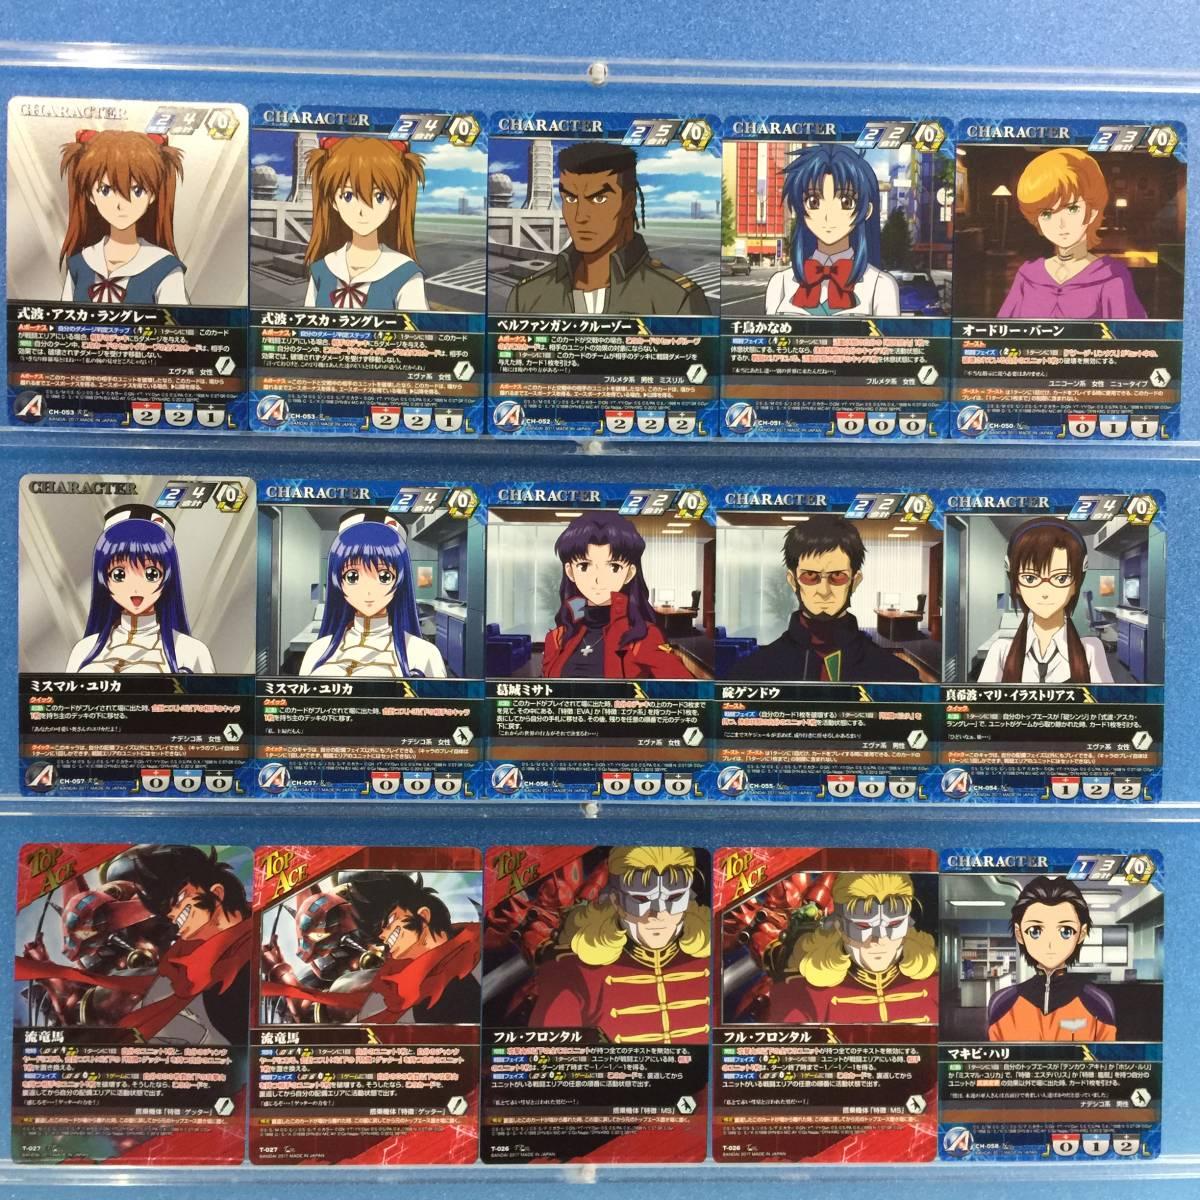 【Crusade】スーパーロボット大戦Vクルセイド 第2弾 ~果て無き激戦~(SRW-CB02) フルコンプ167枚 (全113種+パラレル54種)_画像5